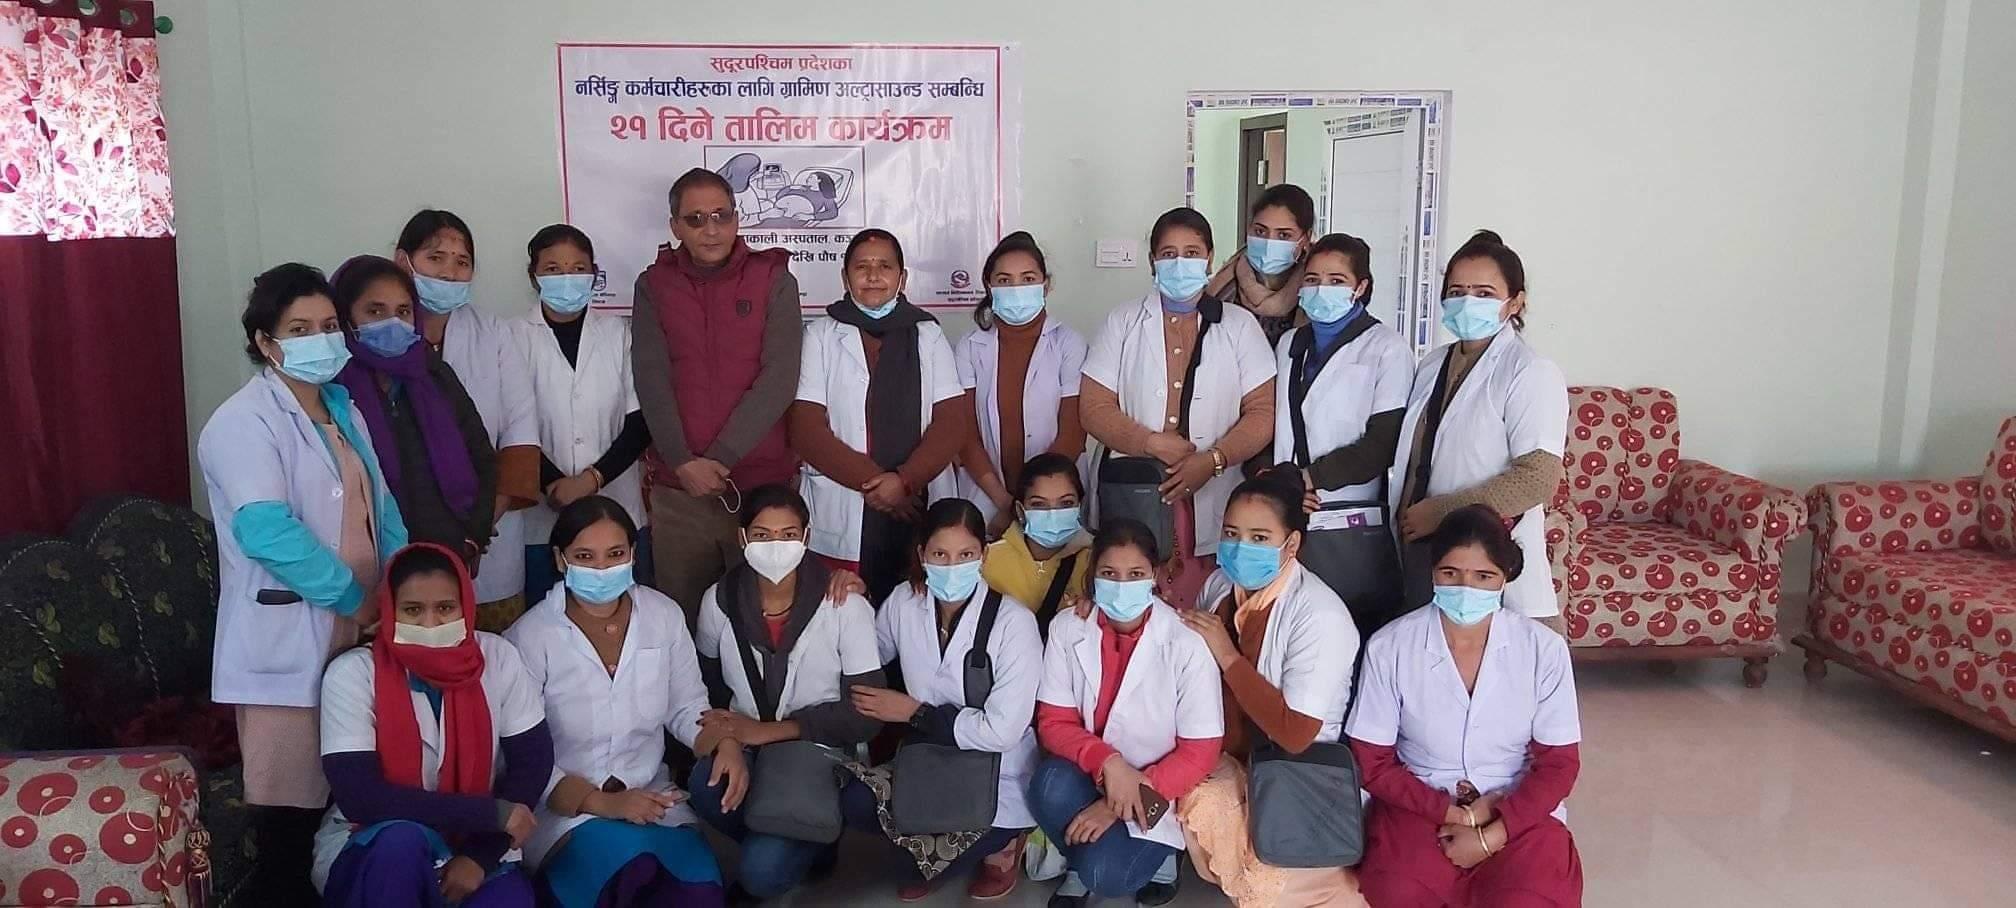 सुदुरपश्चिम प्रदेशका स्वास्थ्य निर्देशक डा.गुण राज अवस्थी मनोबल बढाउन सहभागी हरुको साथमा